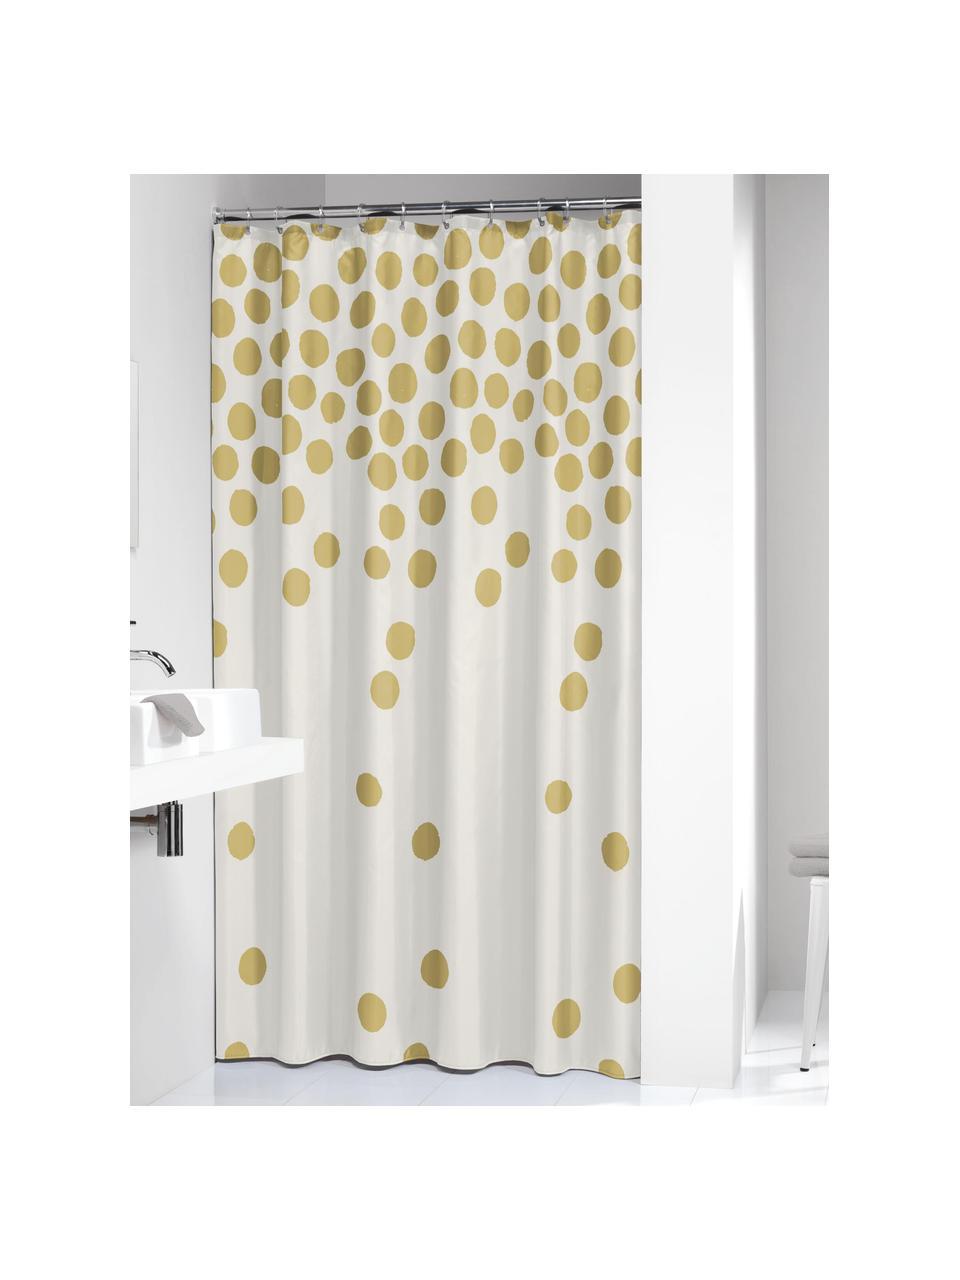 Rideau de douche blanche à pois dorés Spots, Blanc, couleur dorée